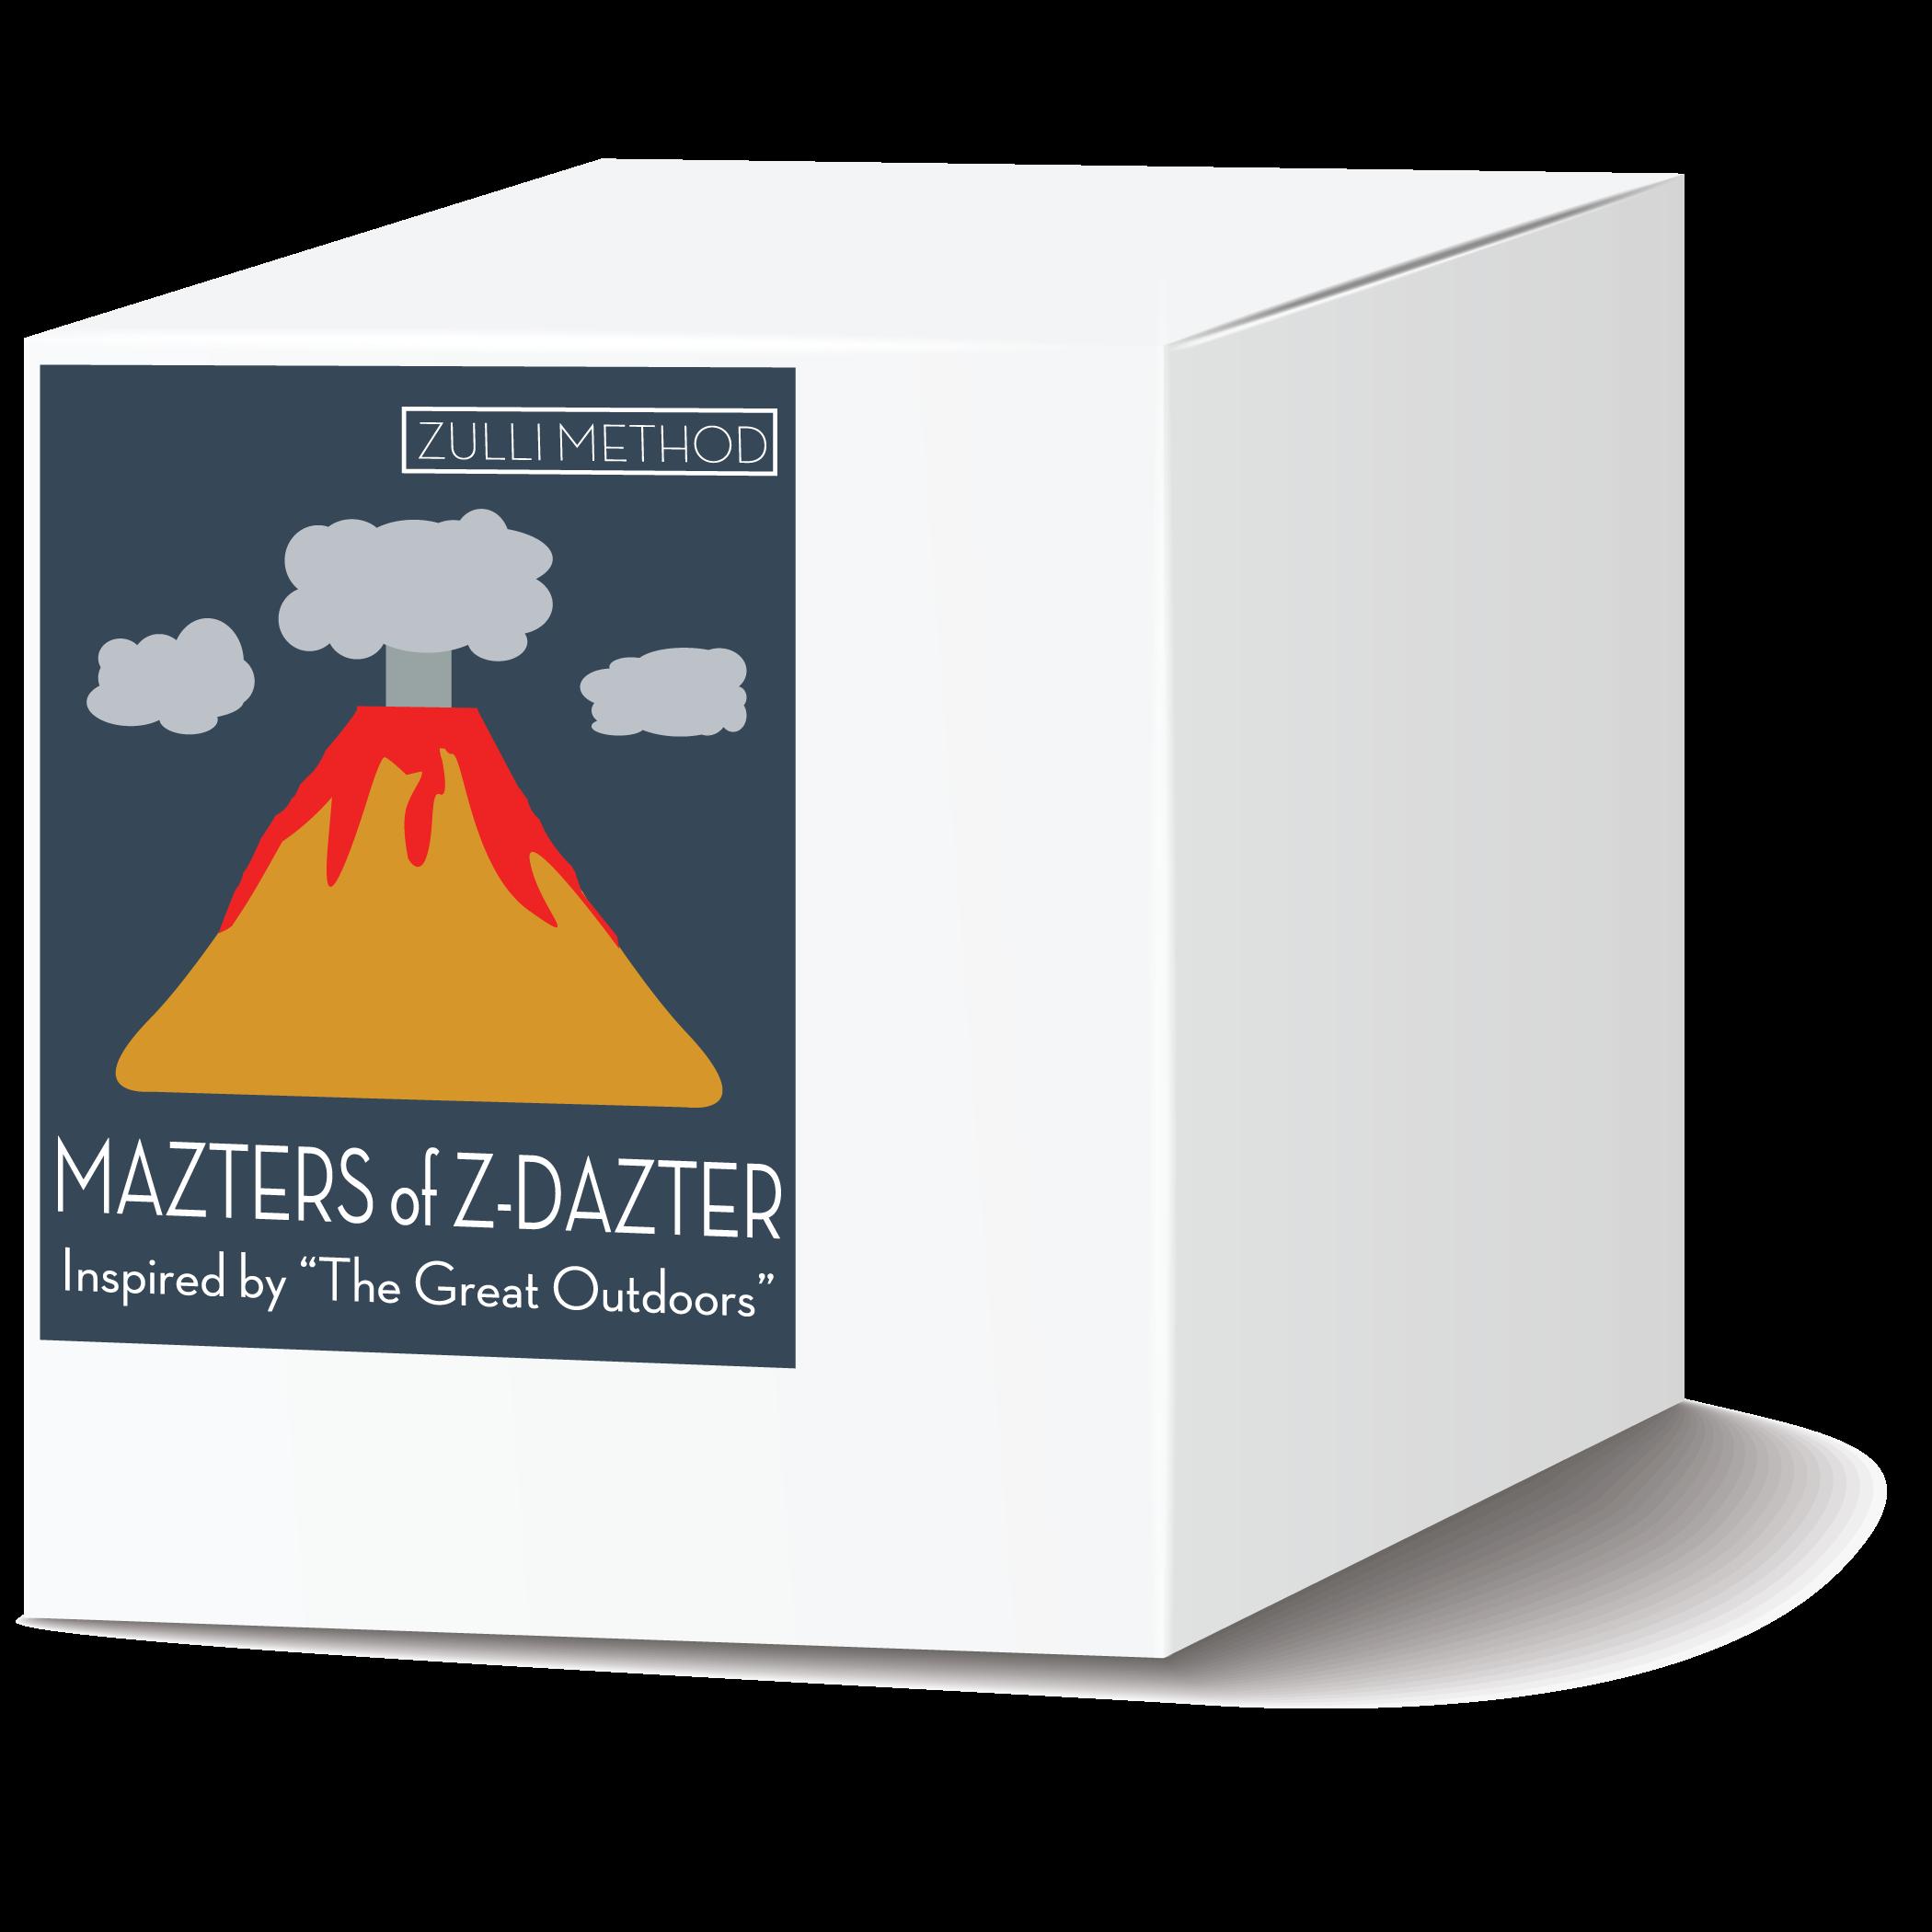 Mazters of Z-Dazter